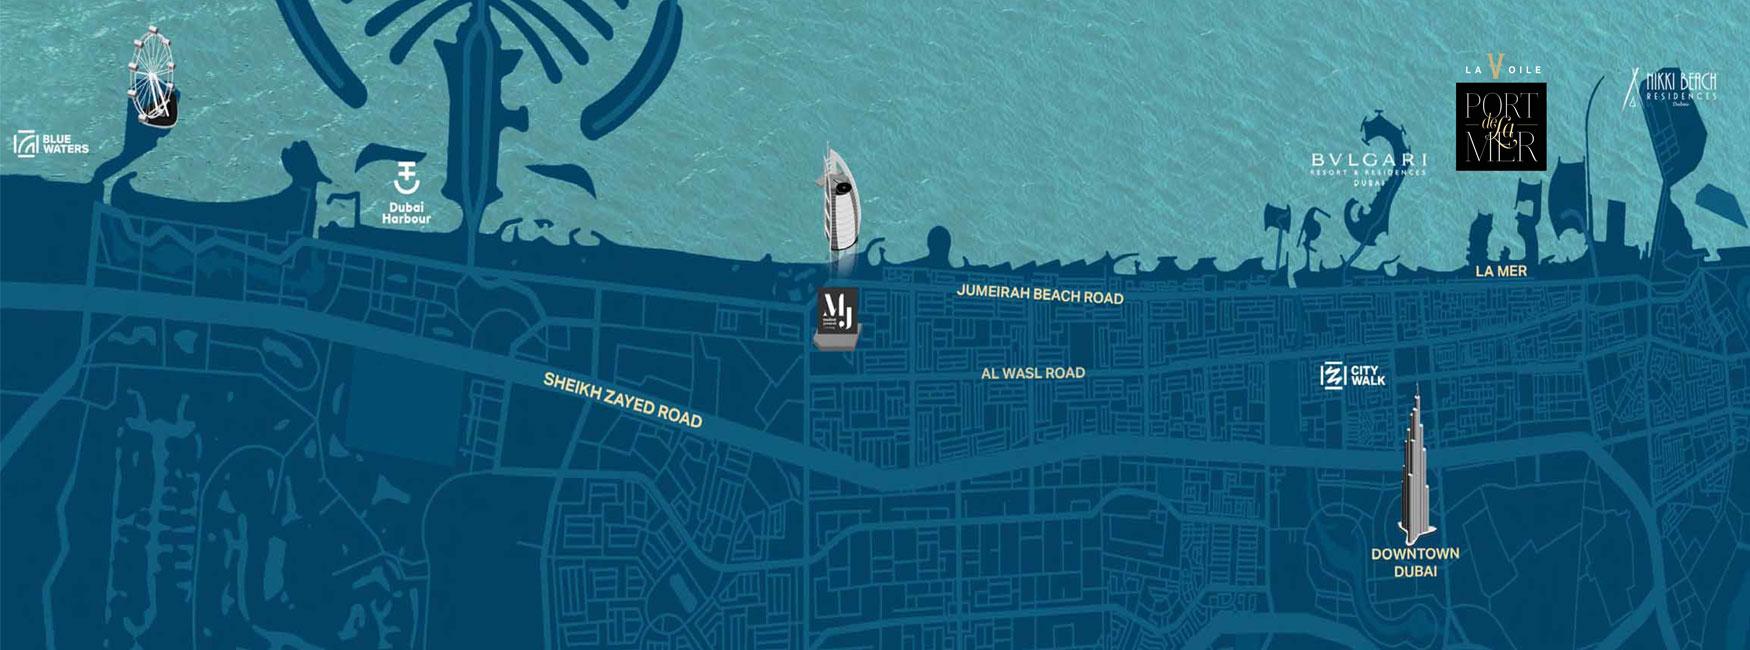 La Voile Building 3 -  Location Plan